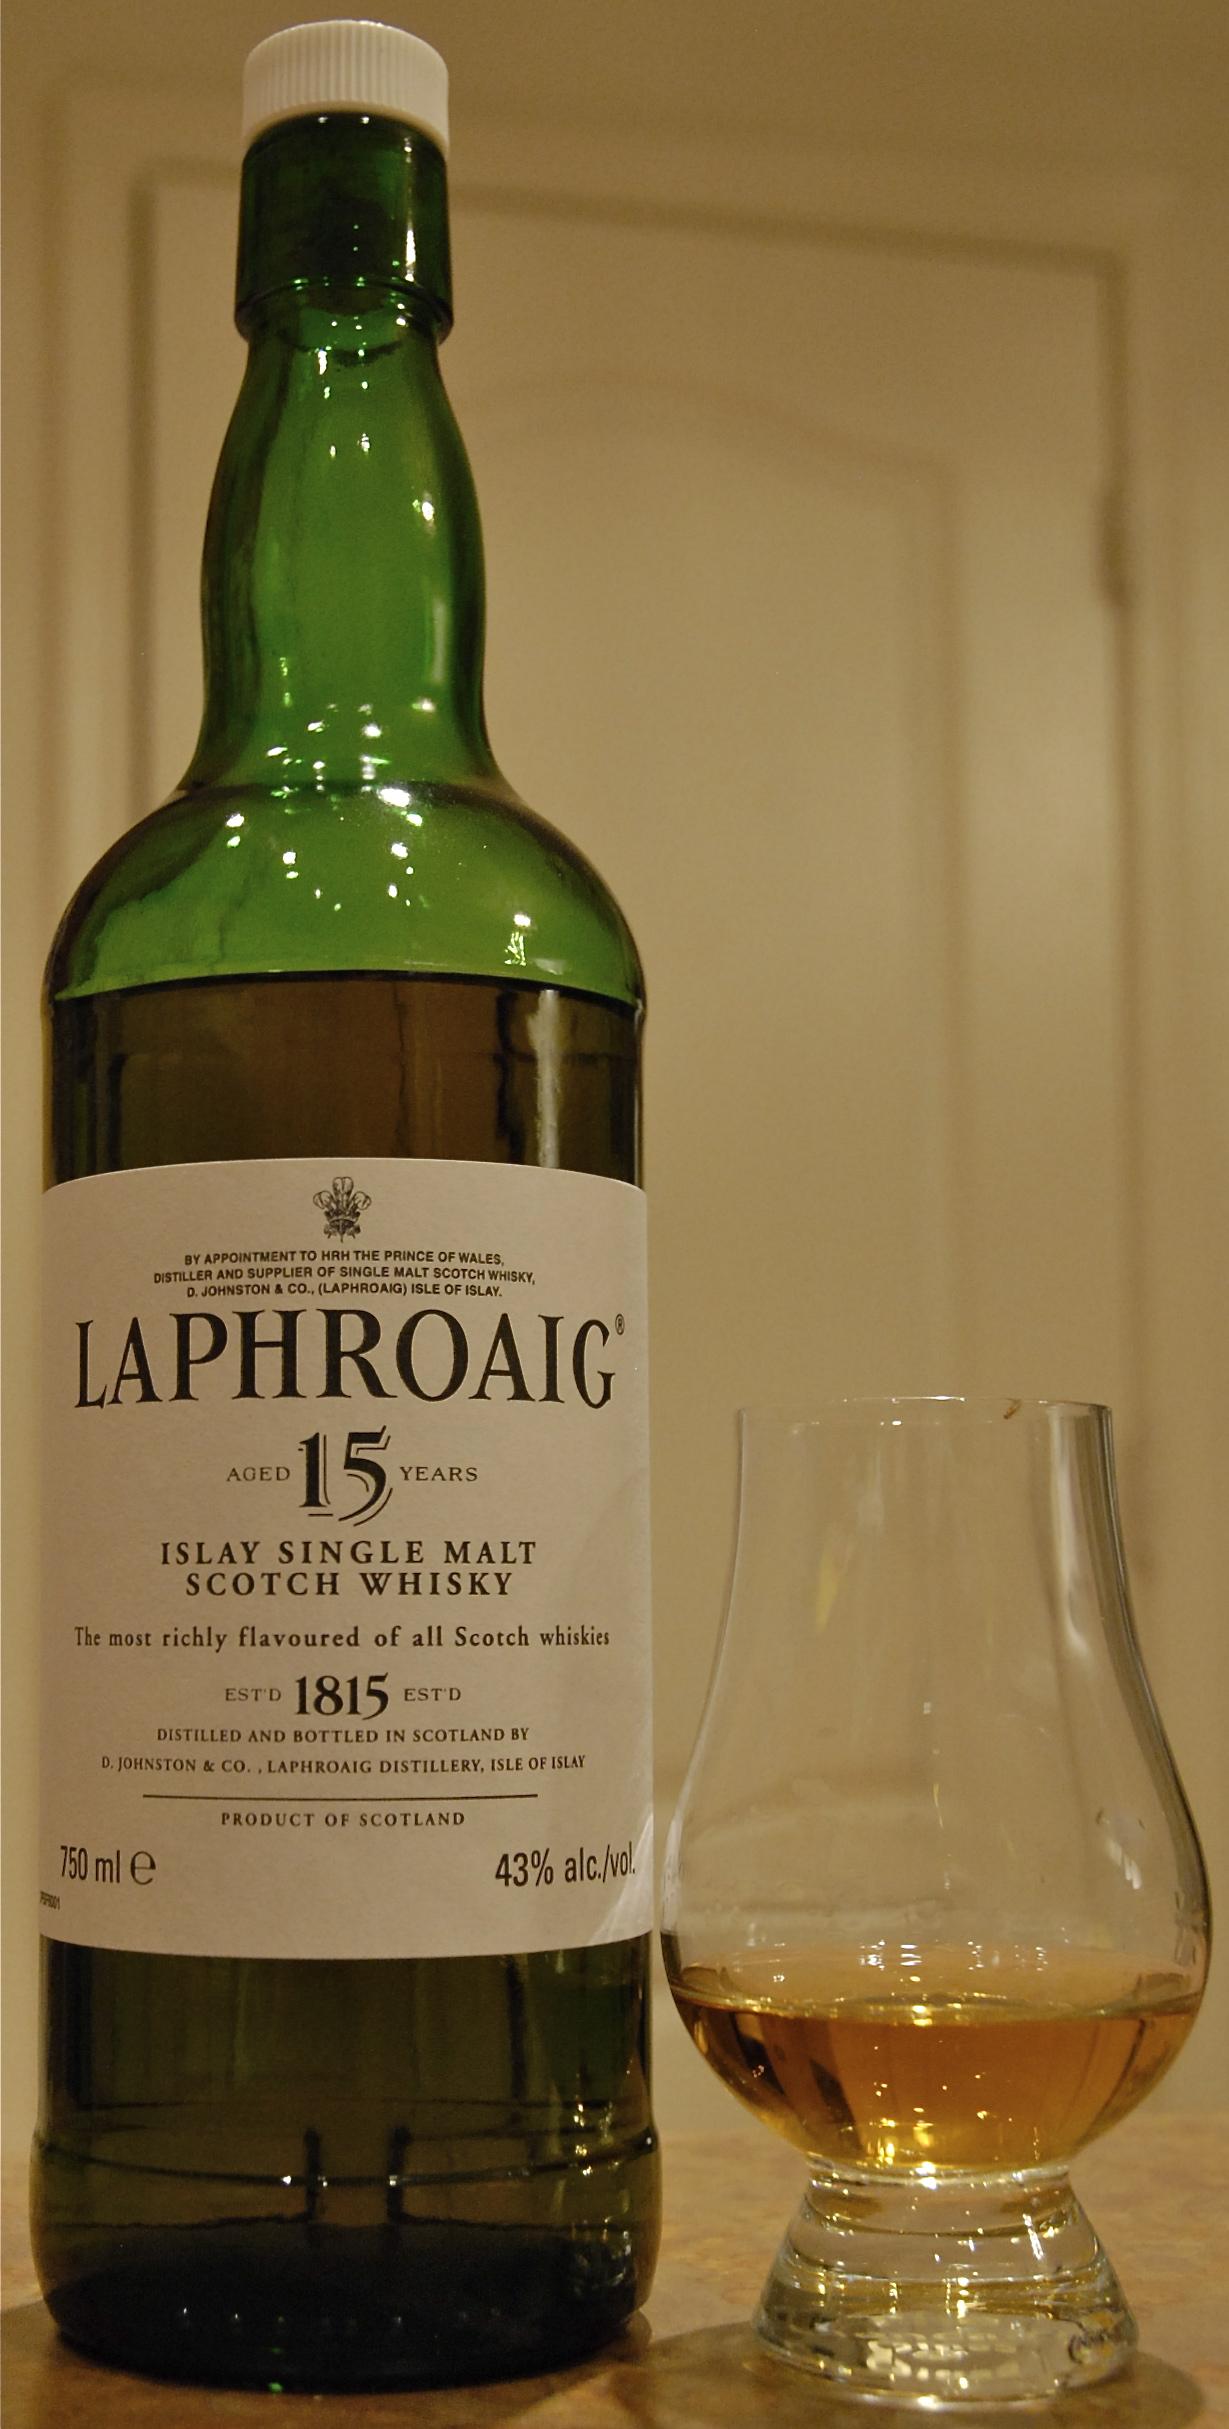 A pour of Laphroaig 15